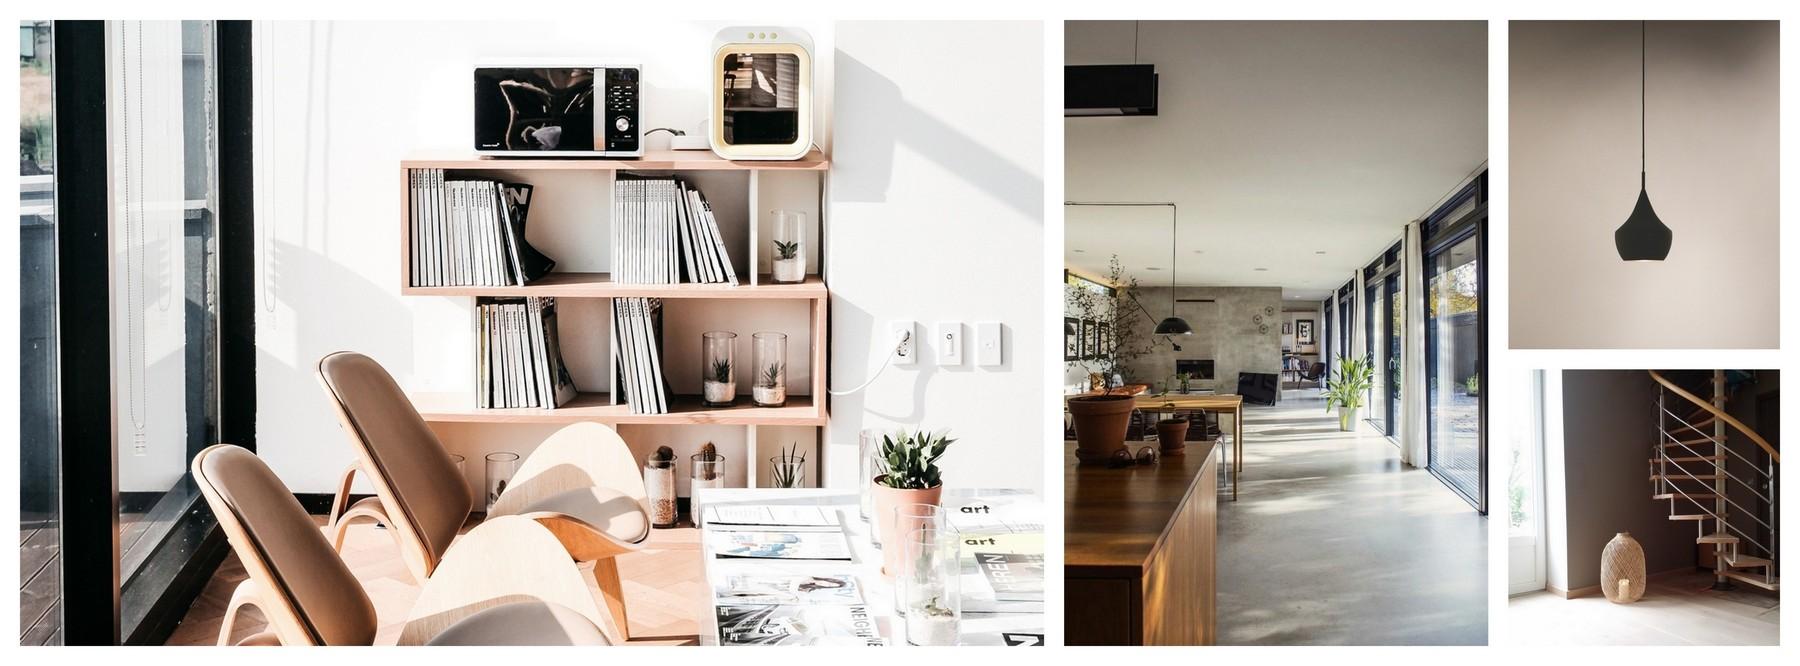 Site Internet Decoration Intérieure inside architecture d'intérieur & décoration - inside